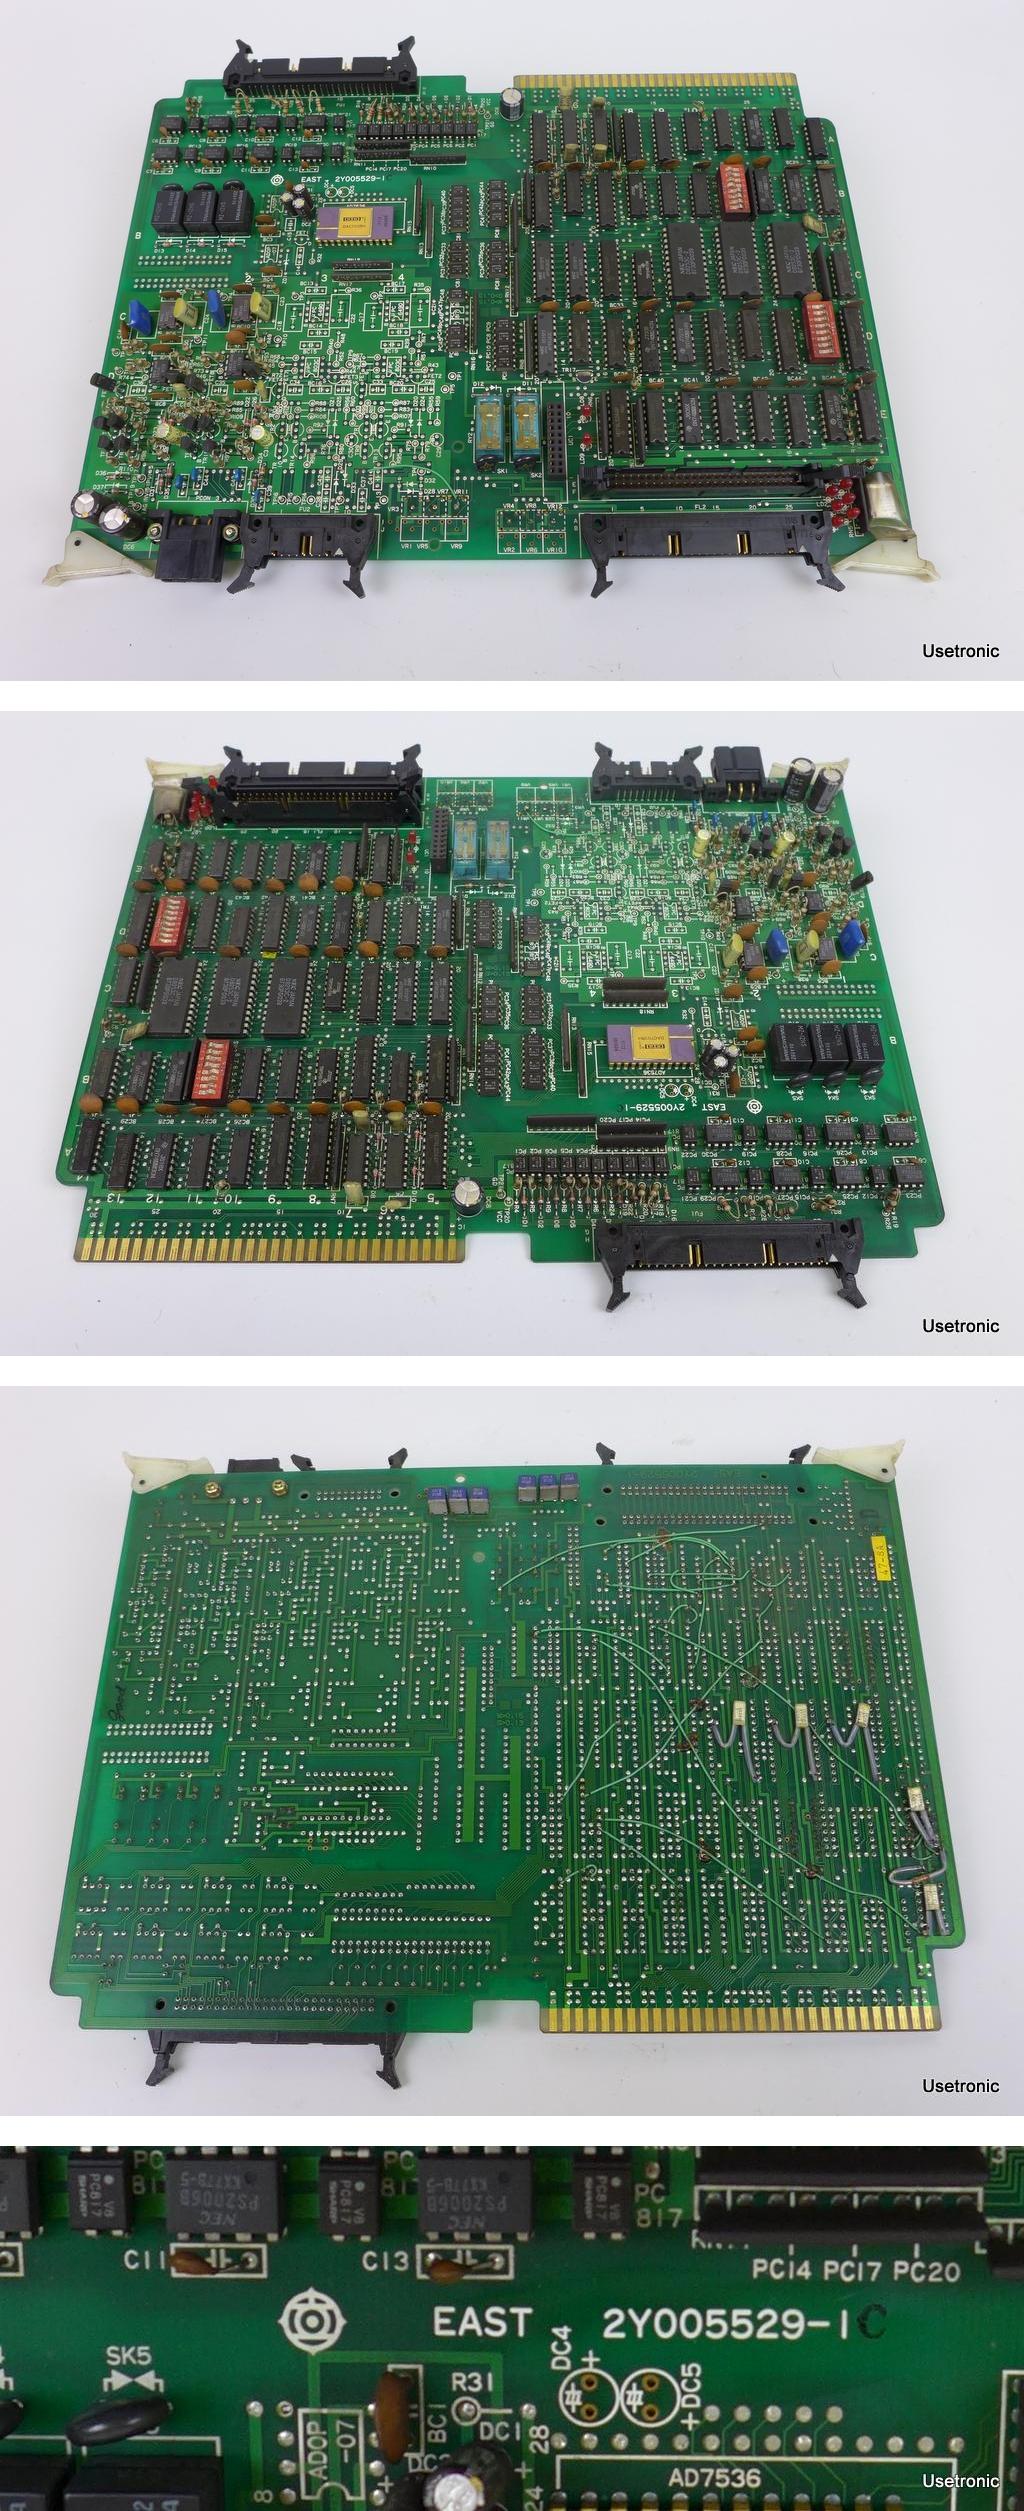 Hitachi EAST 2Y005529-1